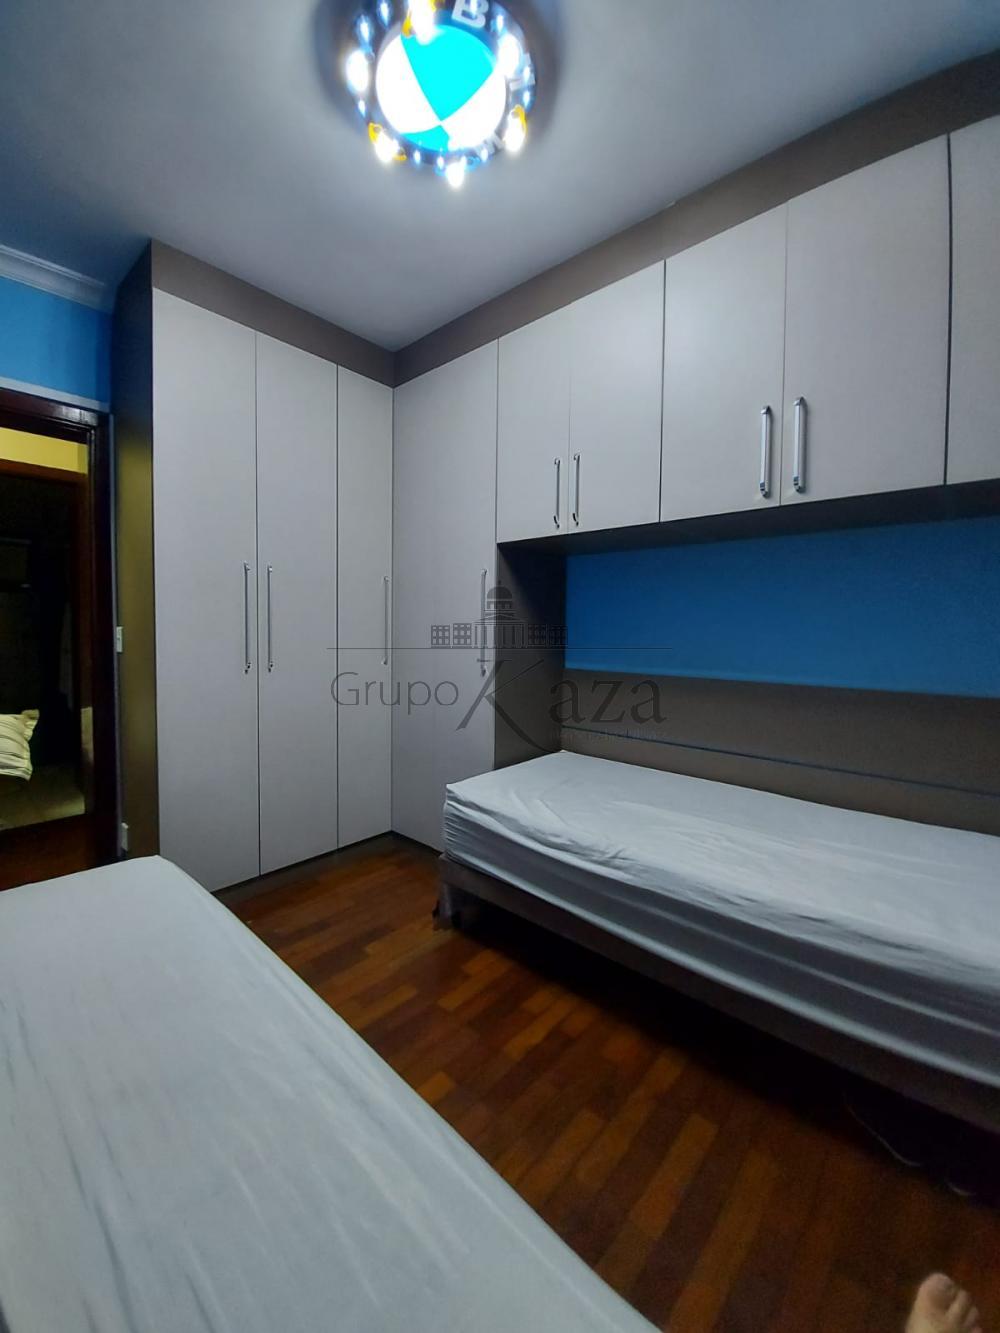 alt='Alugar Apartamento / Padrão em São José dos Campos R$ 2.750,00 - Foto 17' title='Alugar Apartamento / Padrão em São José dos Campos R$ 2.750,00 - Foto 17'